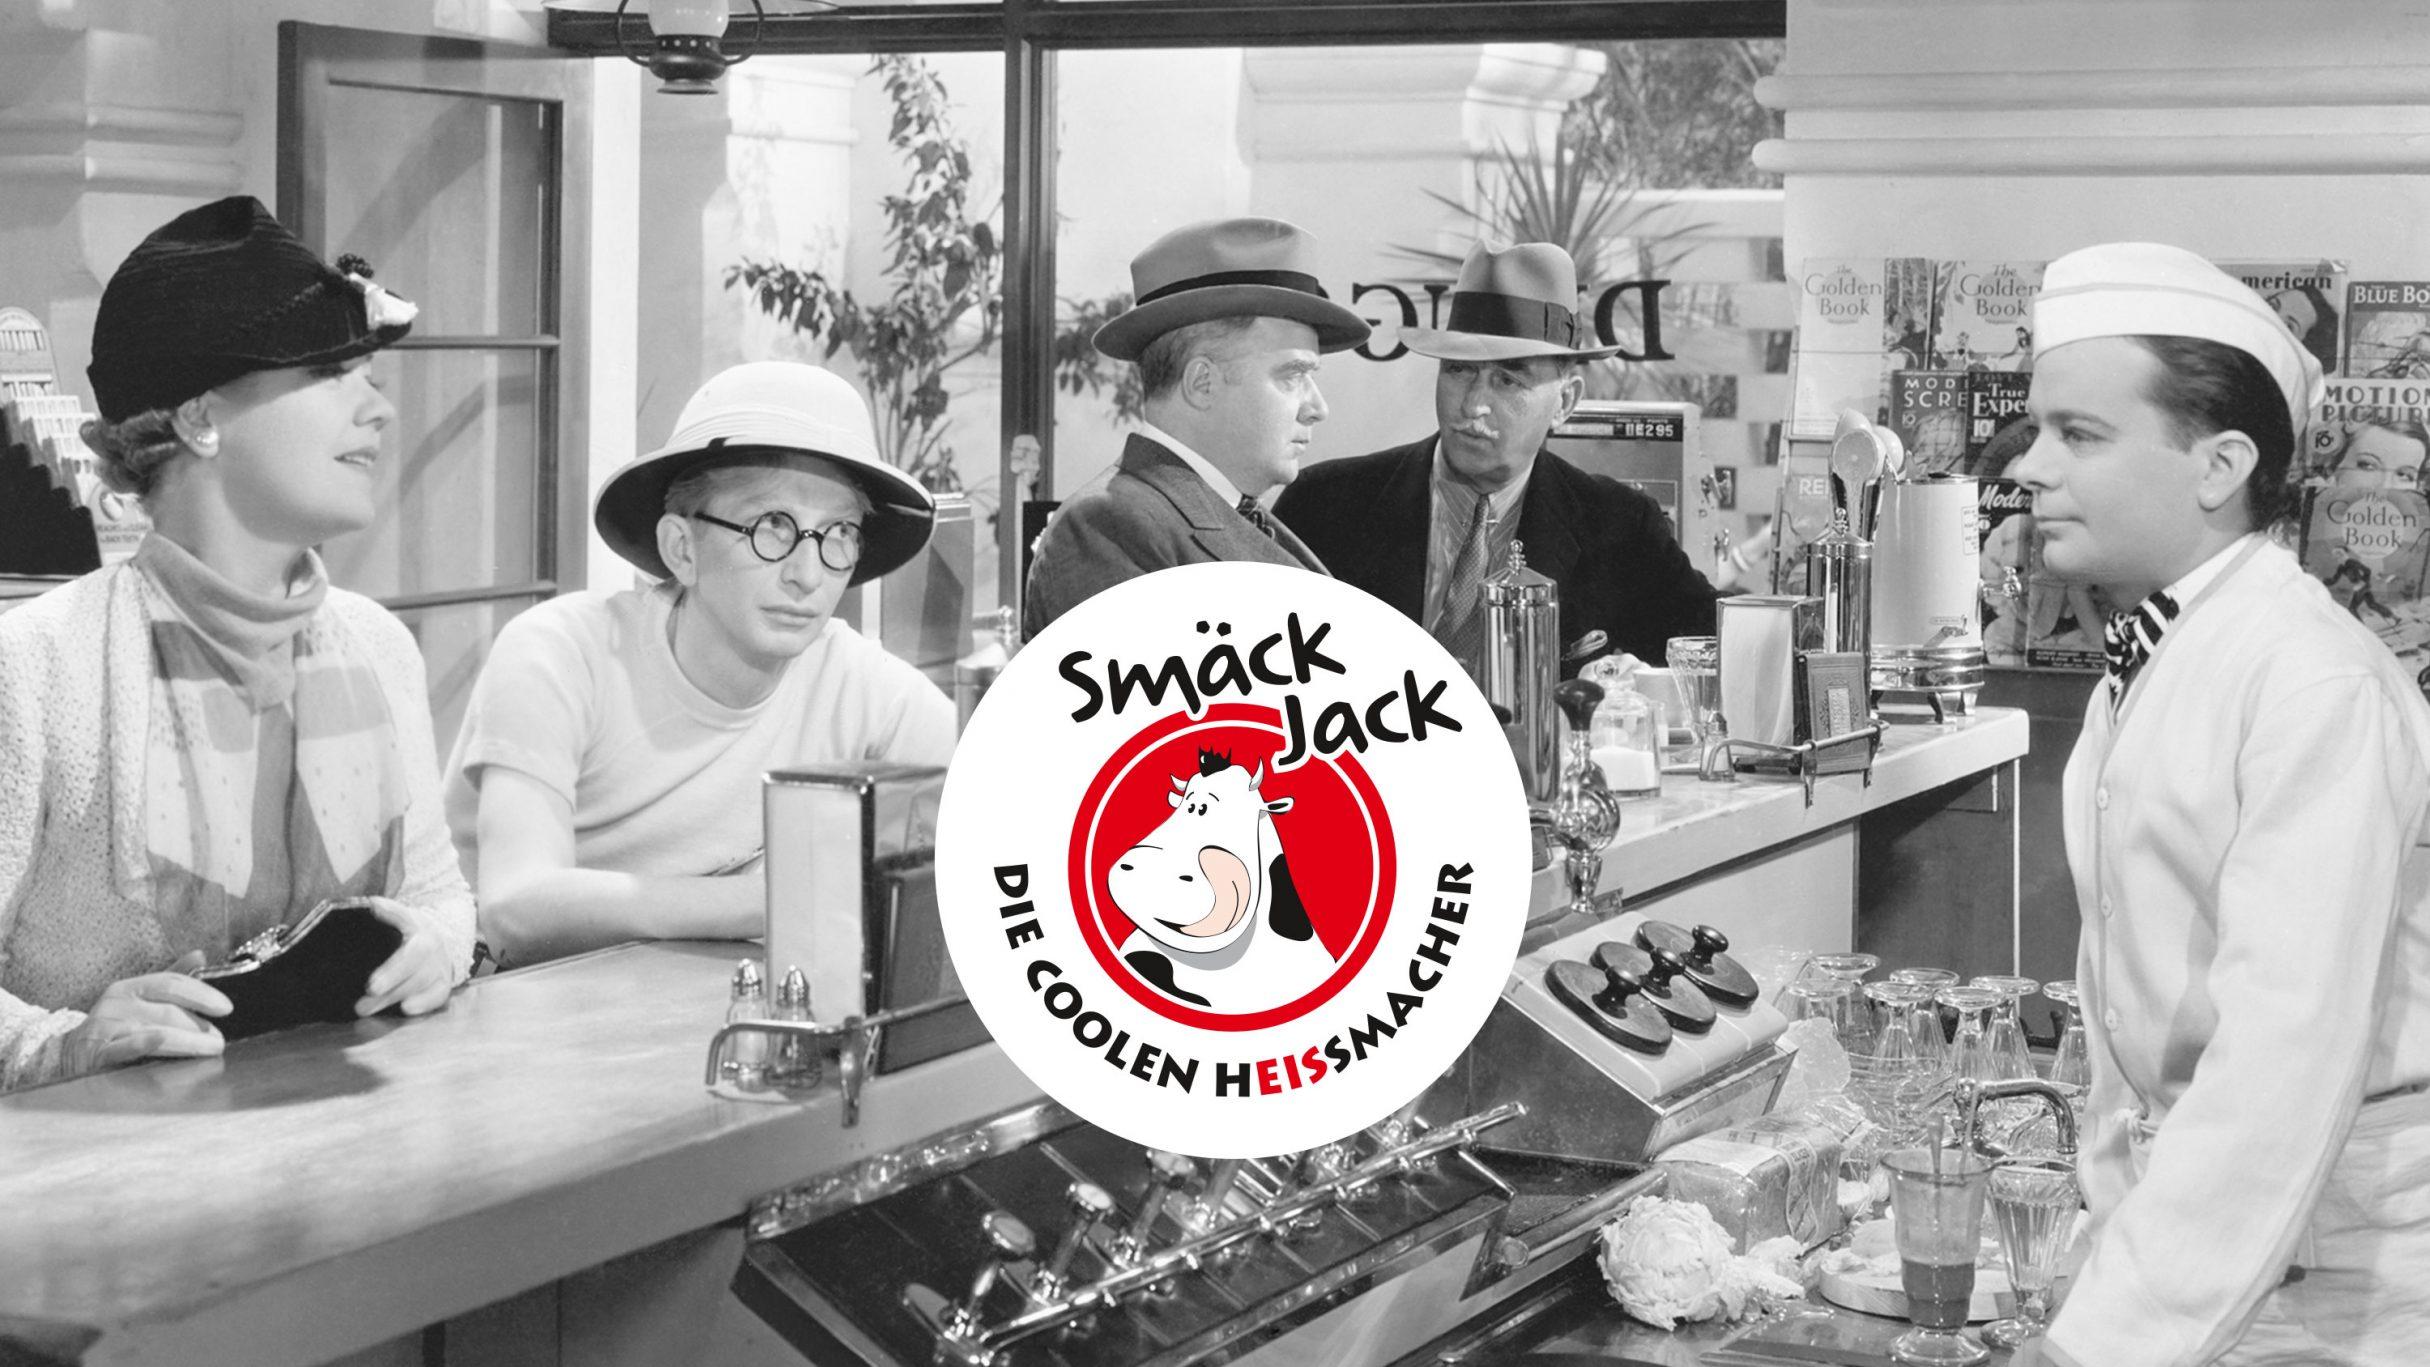 Corporate Design, Sticker für das Eiscafe Smäckjack: DIE NEUDENKER® Agentur, Darmstadt